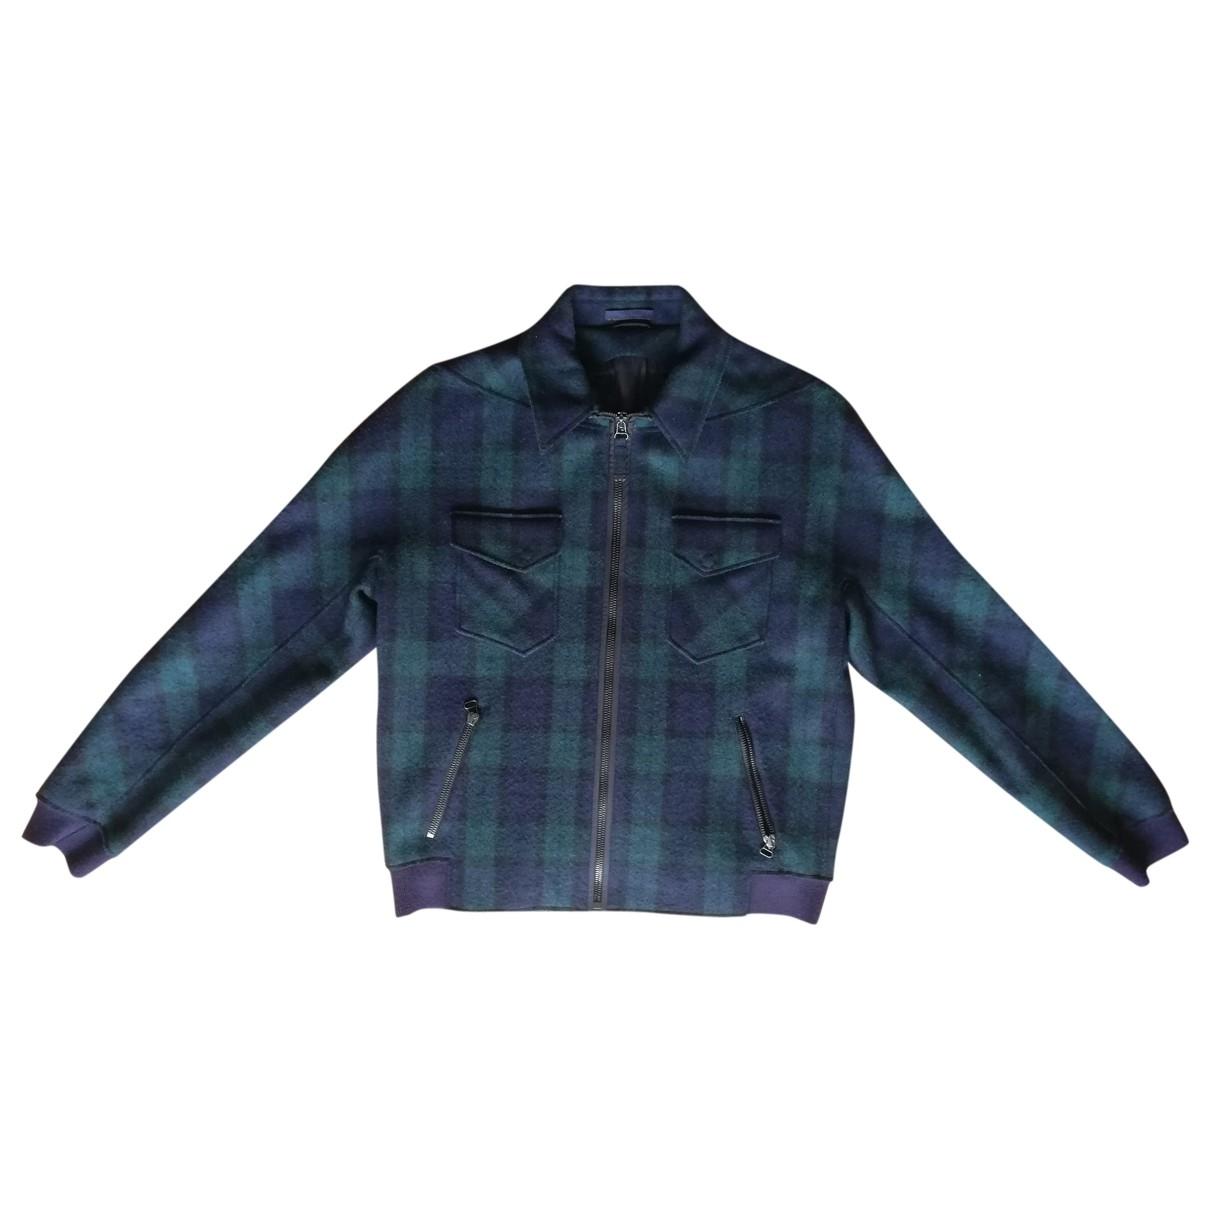 Lanvin - Vestes.Blousons   pour homme en laine - vert